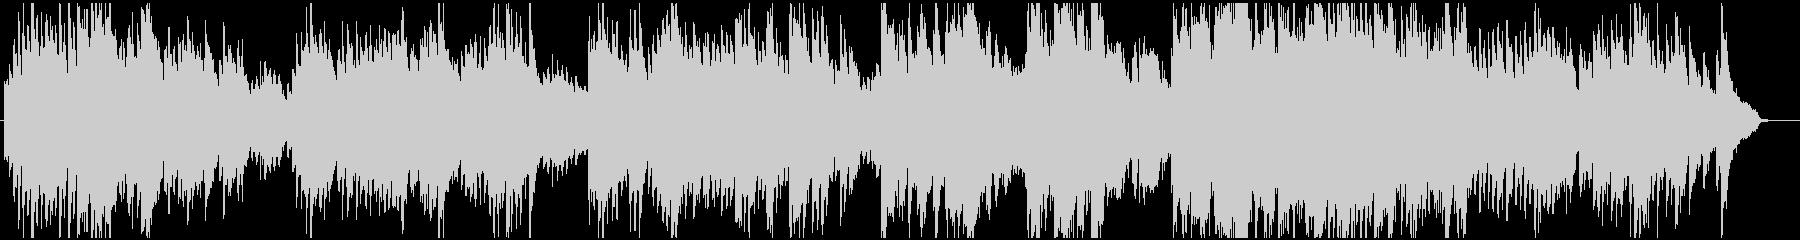 切ないメロディーのピアノインストの未再生の波形